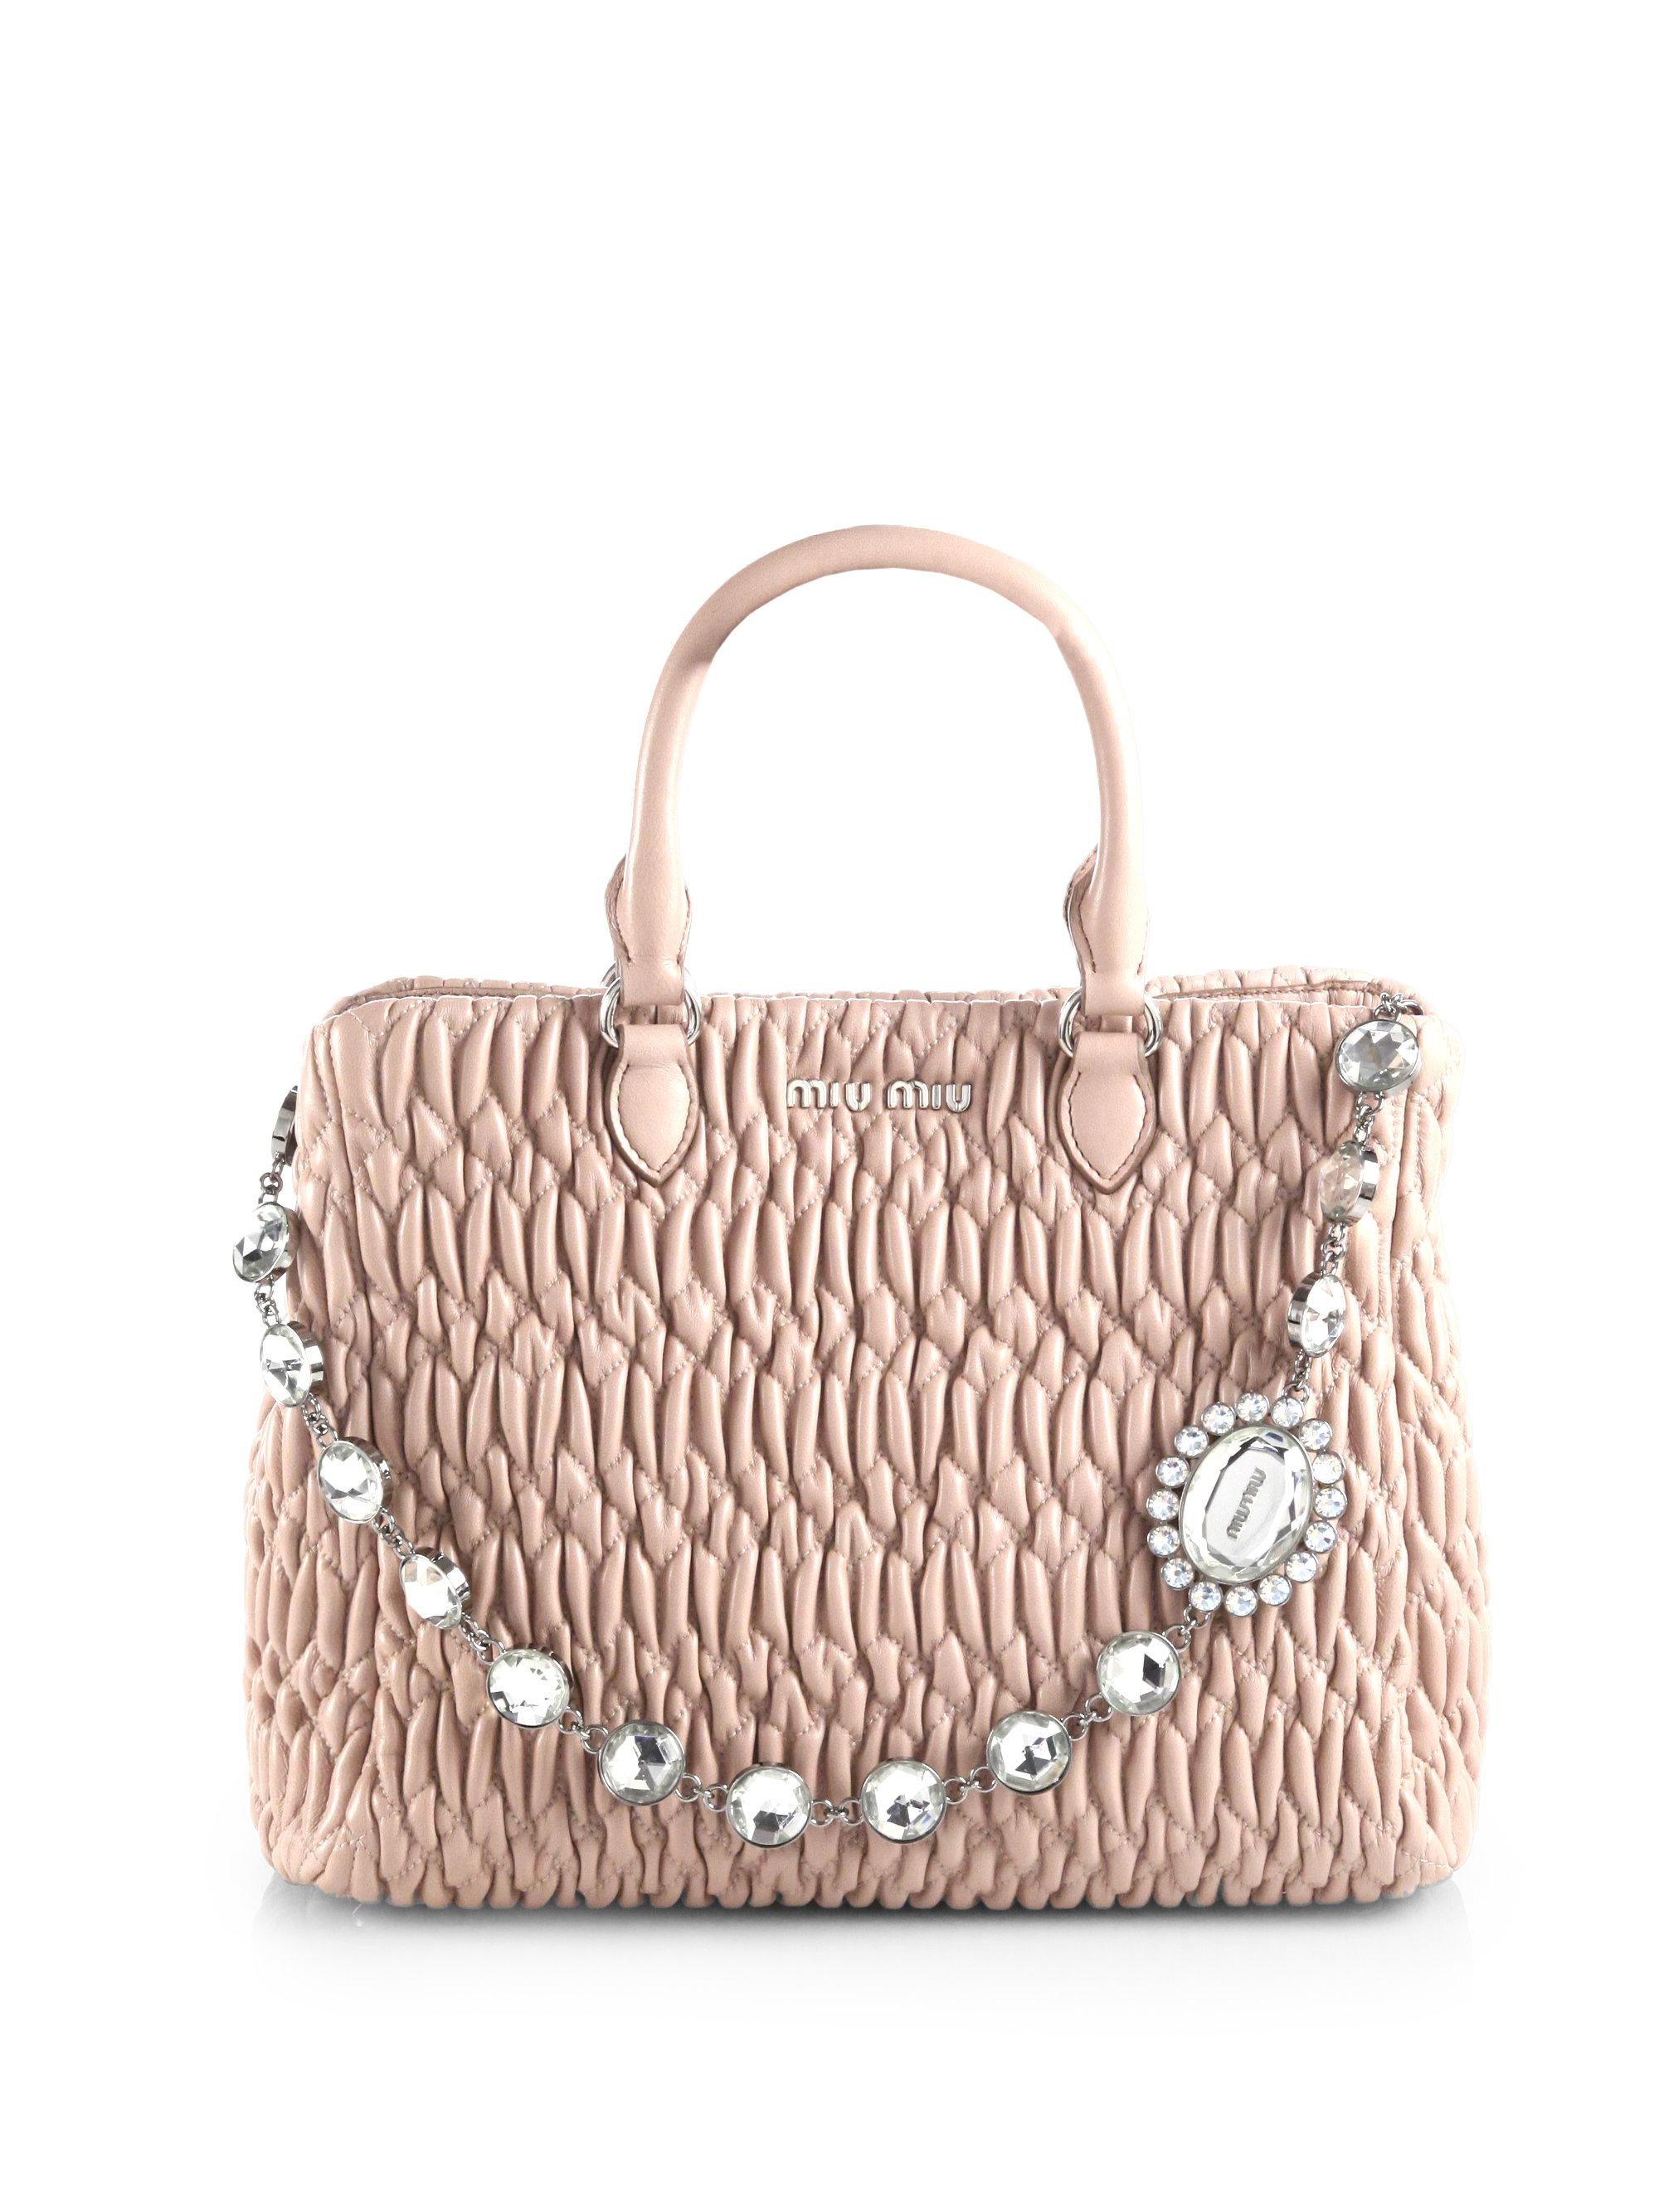 8e24240da6 Lyst - Miu Miu Swarovski-Crystal Quilted Leather Tote in Pink